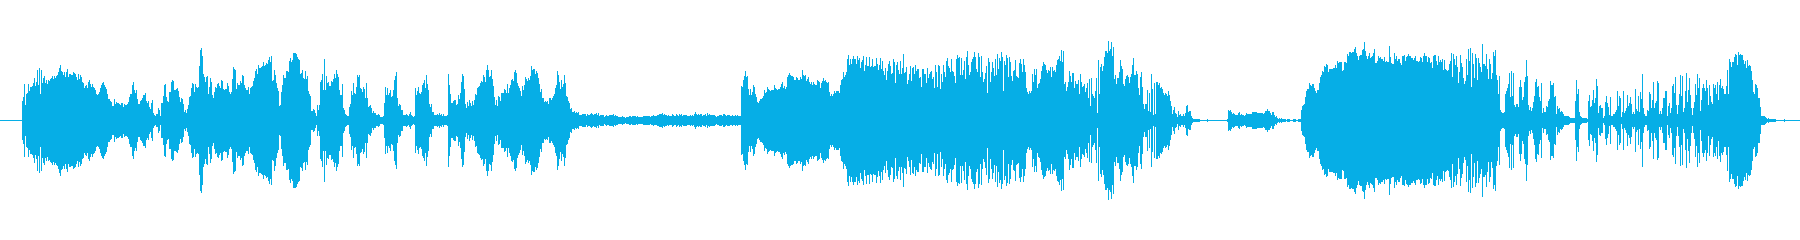 気球のきしむ音:長い気味悪い空気の放出の再生済みの波形